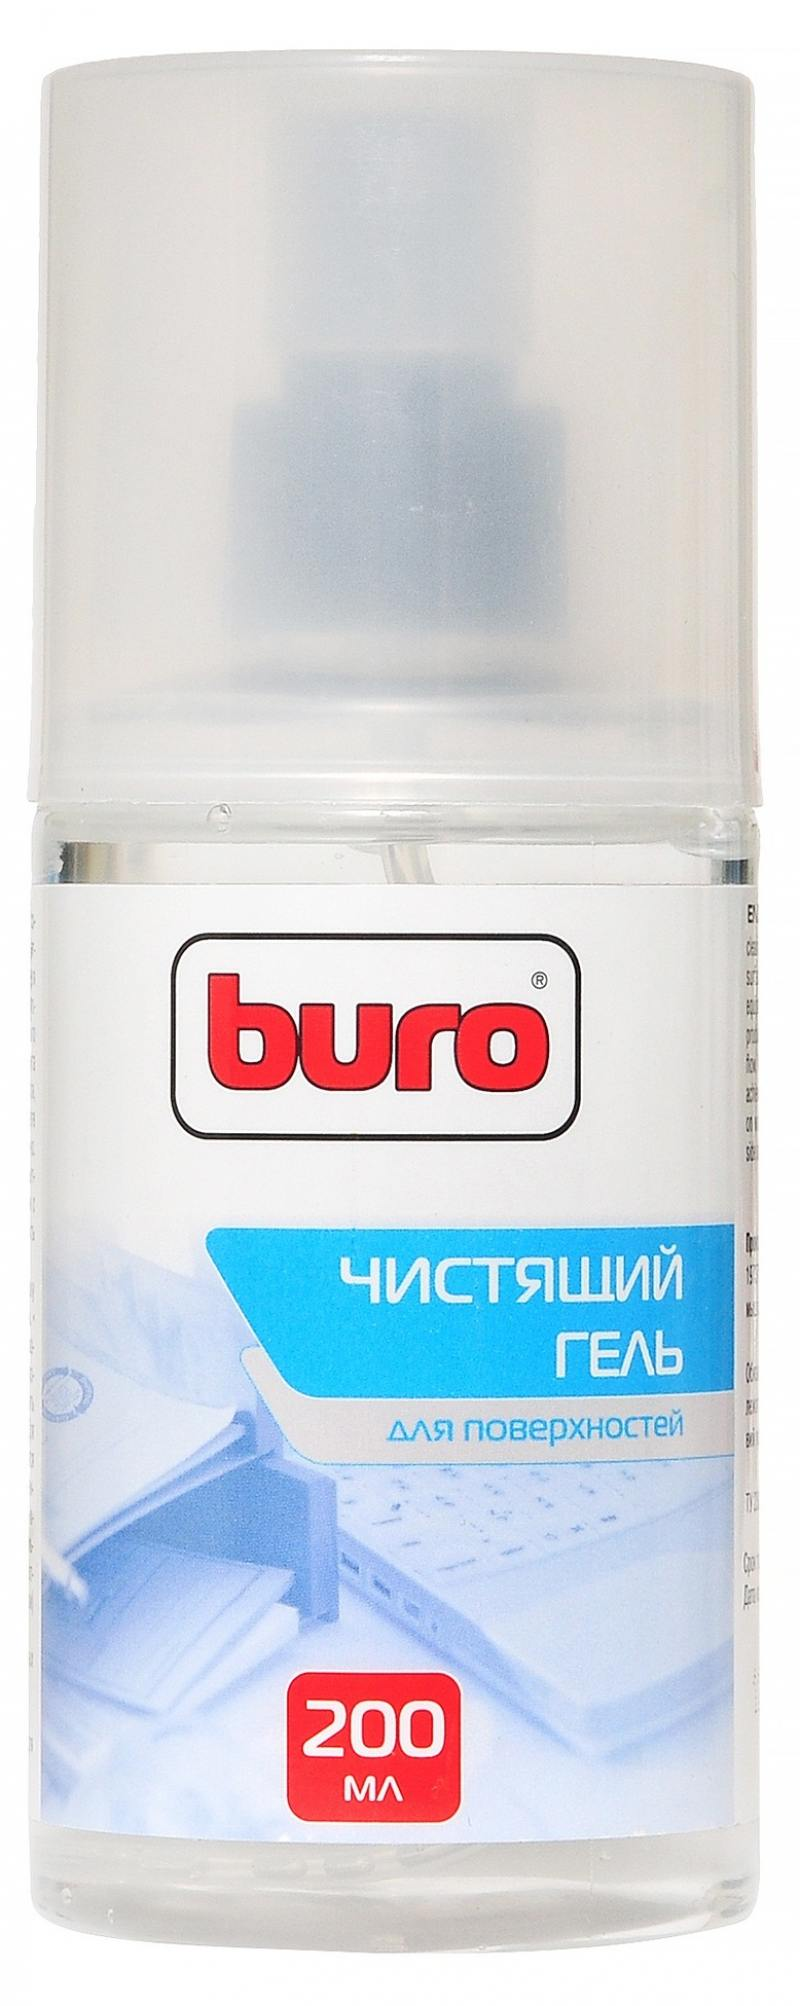 Набор для ухода за техникой BURO BU-GSURFACE 200 мл + салфетка из микрофибры buro салфетка buro bu mf из микрофибры 25 х 25 см для удаления пыли коробка 1шт сухая